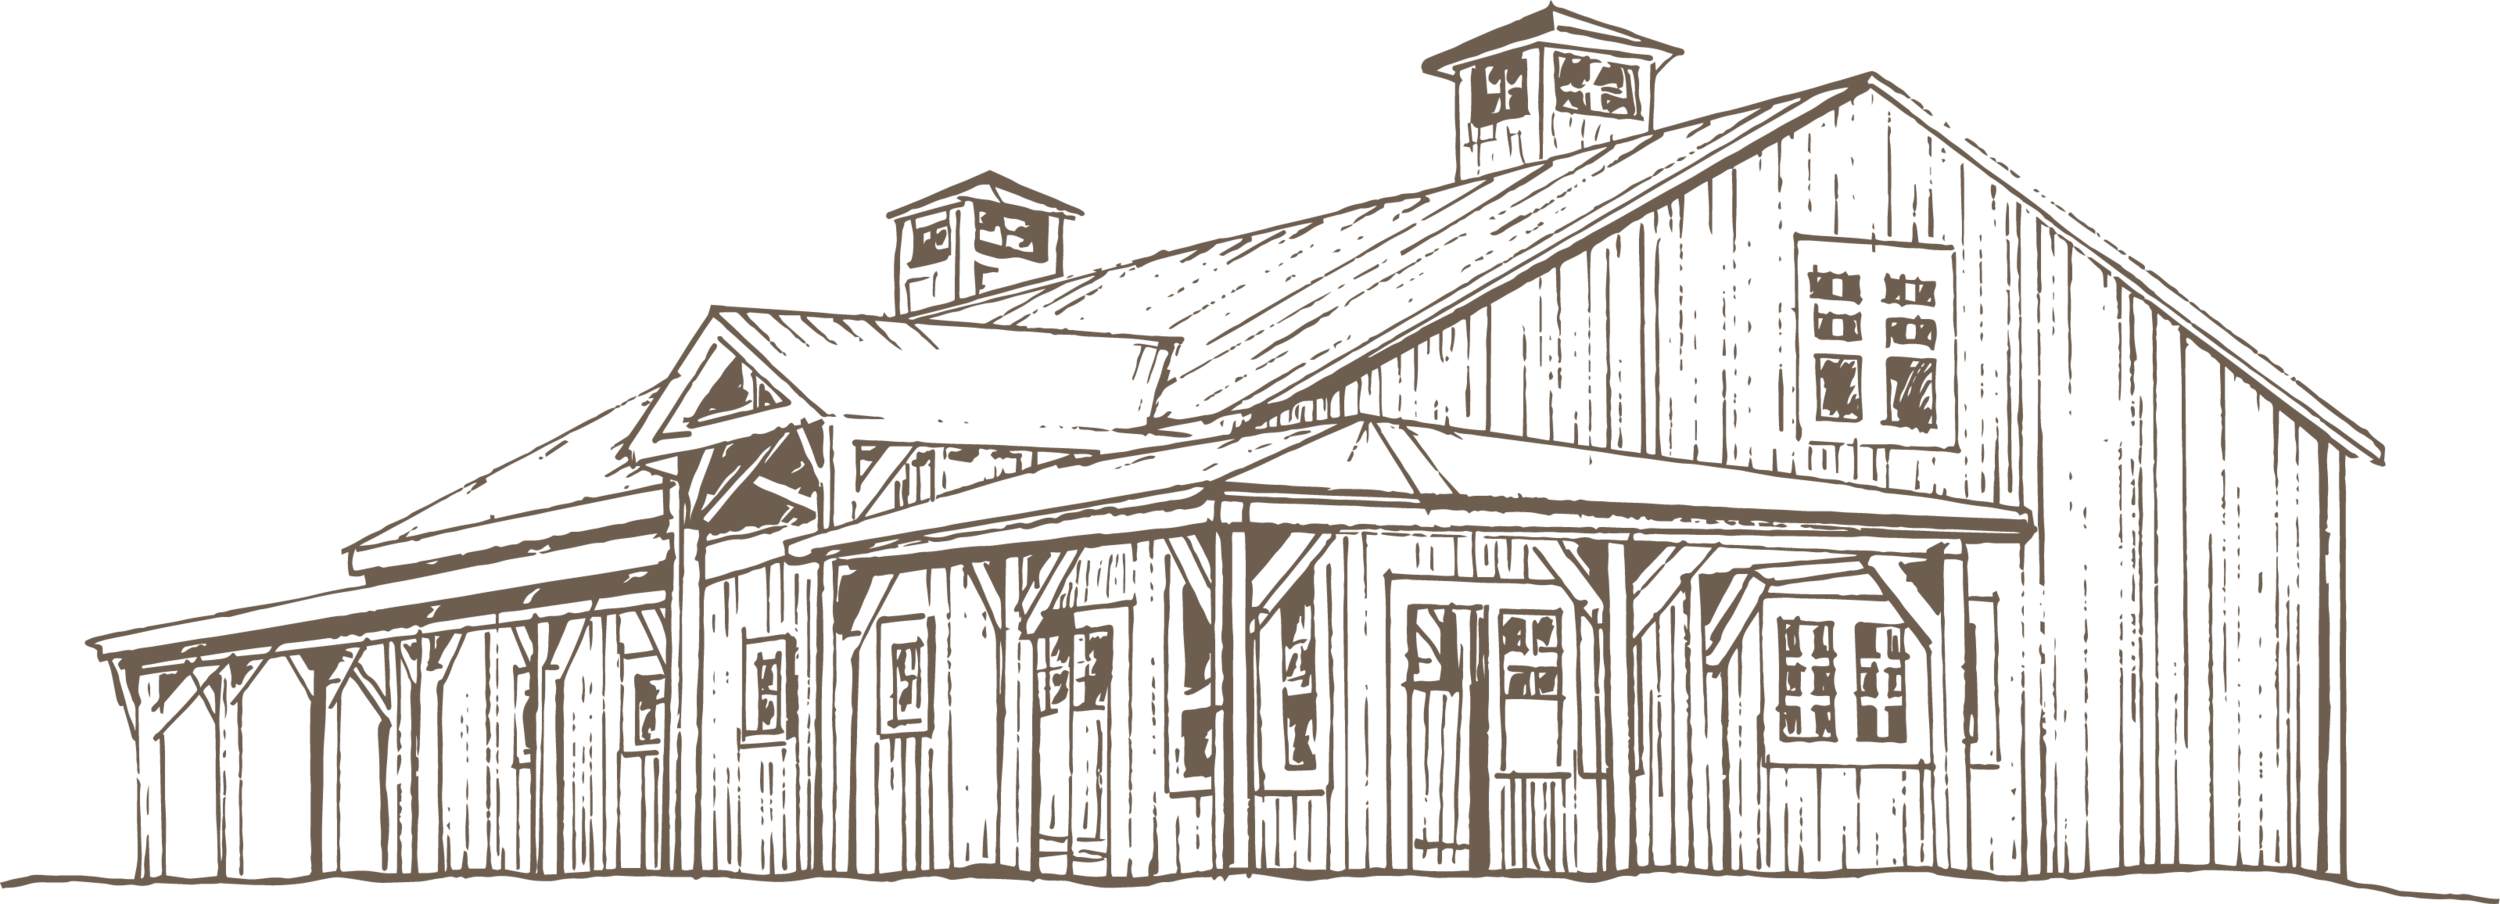 Building illustration-dark.png